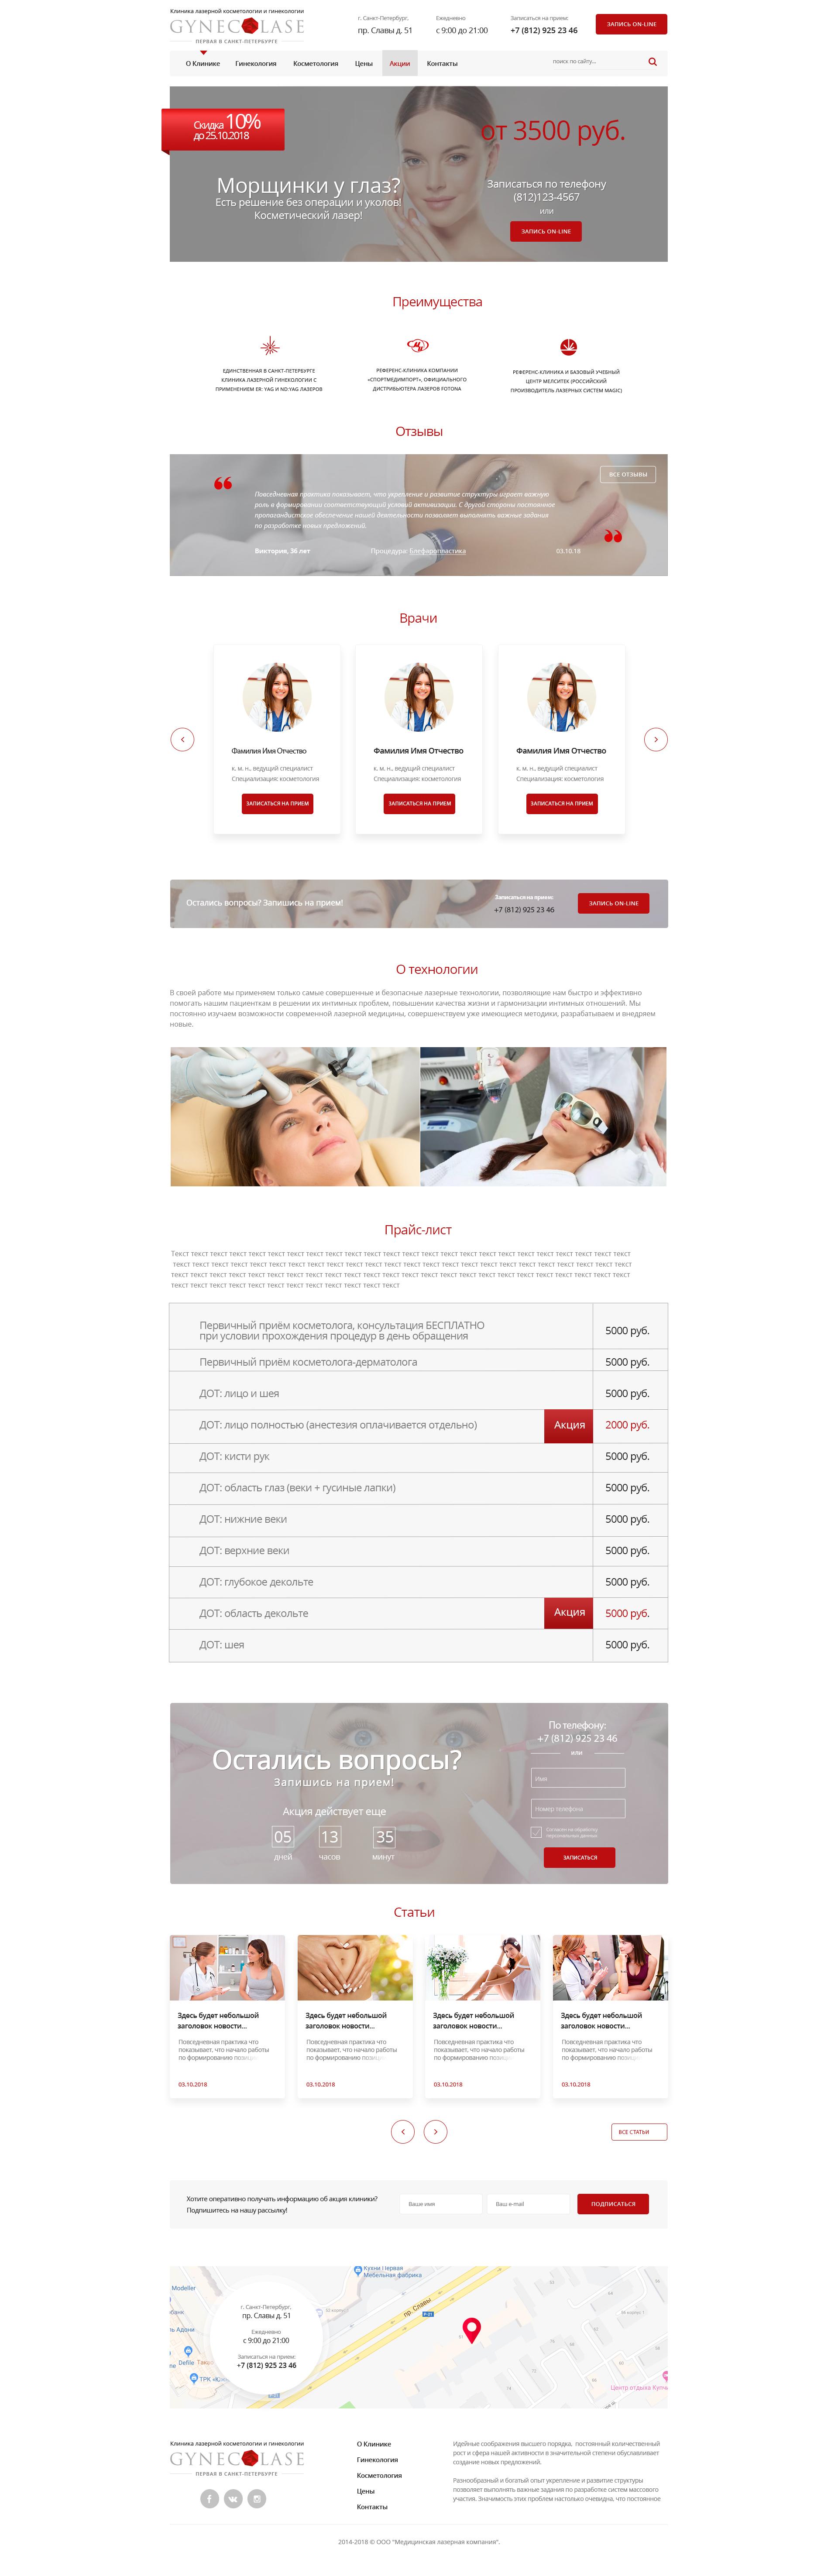 Внутренняя старница сайта медицинских и косметических услуг